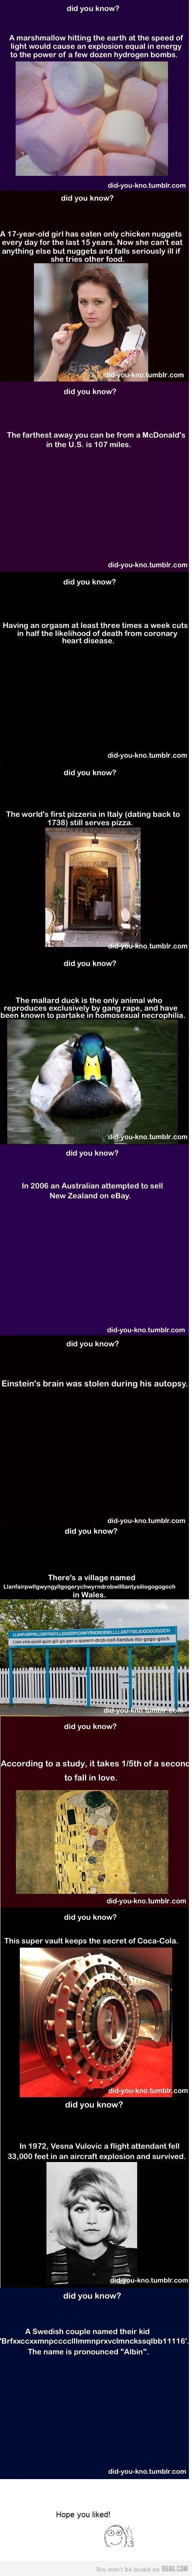 Weird facts ^_^